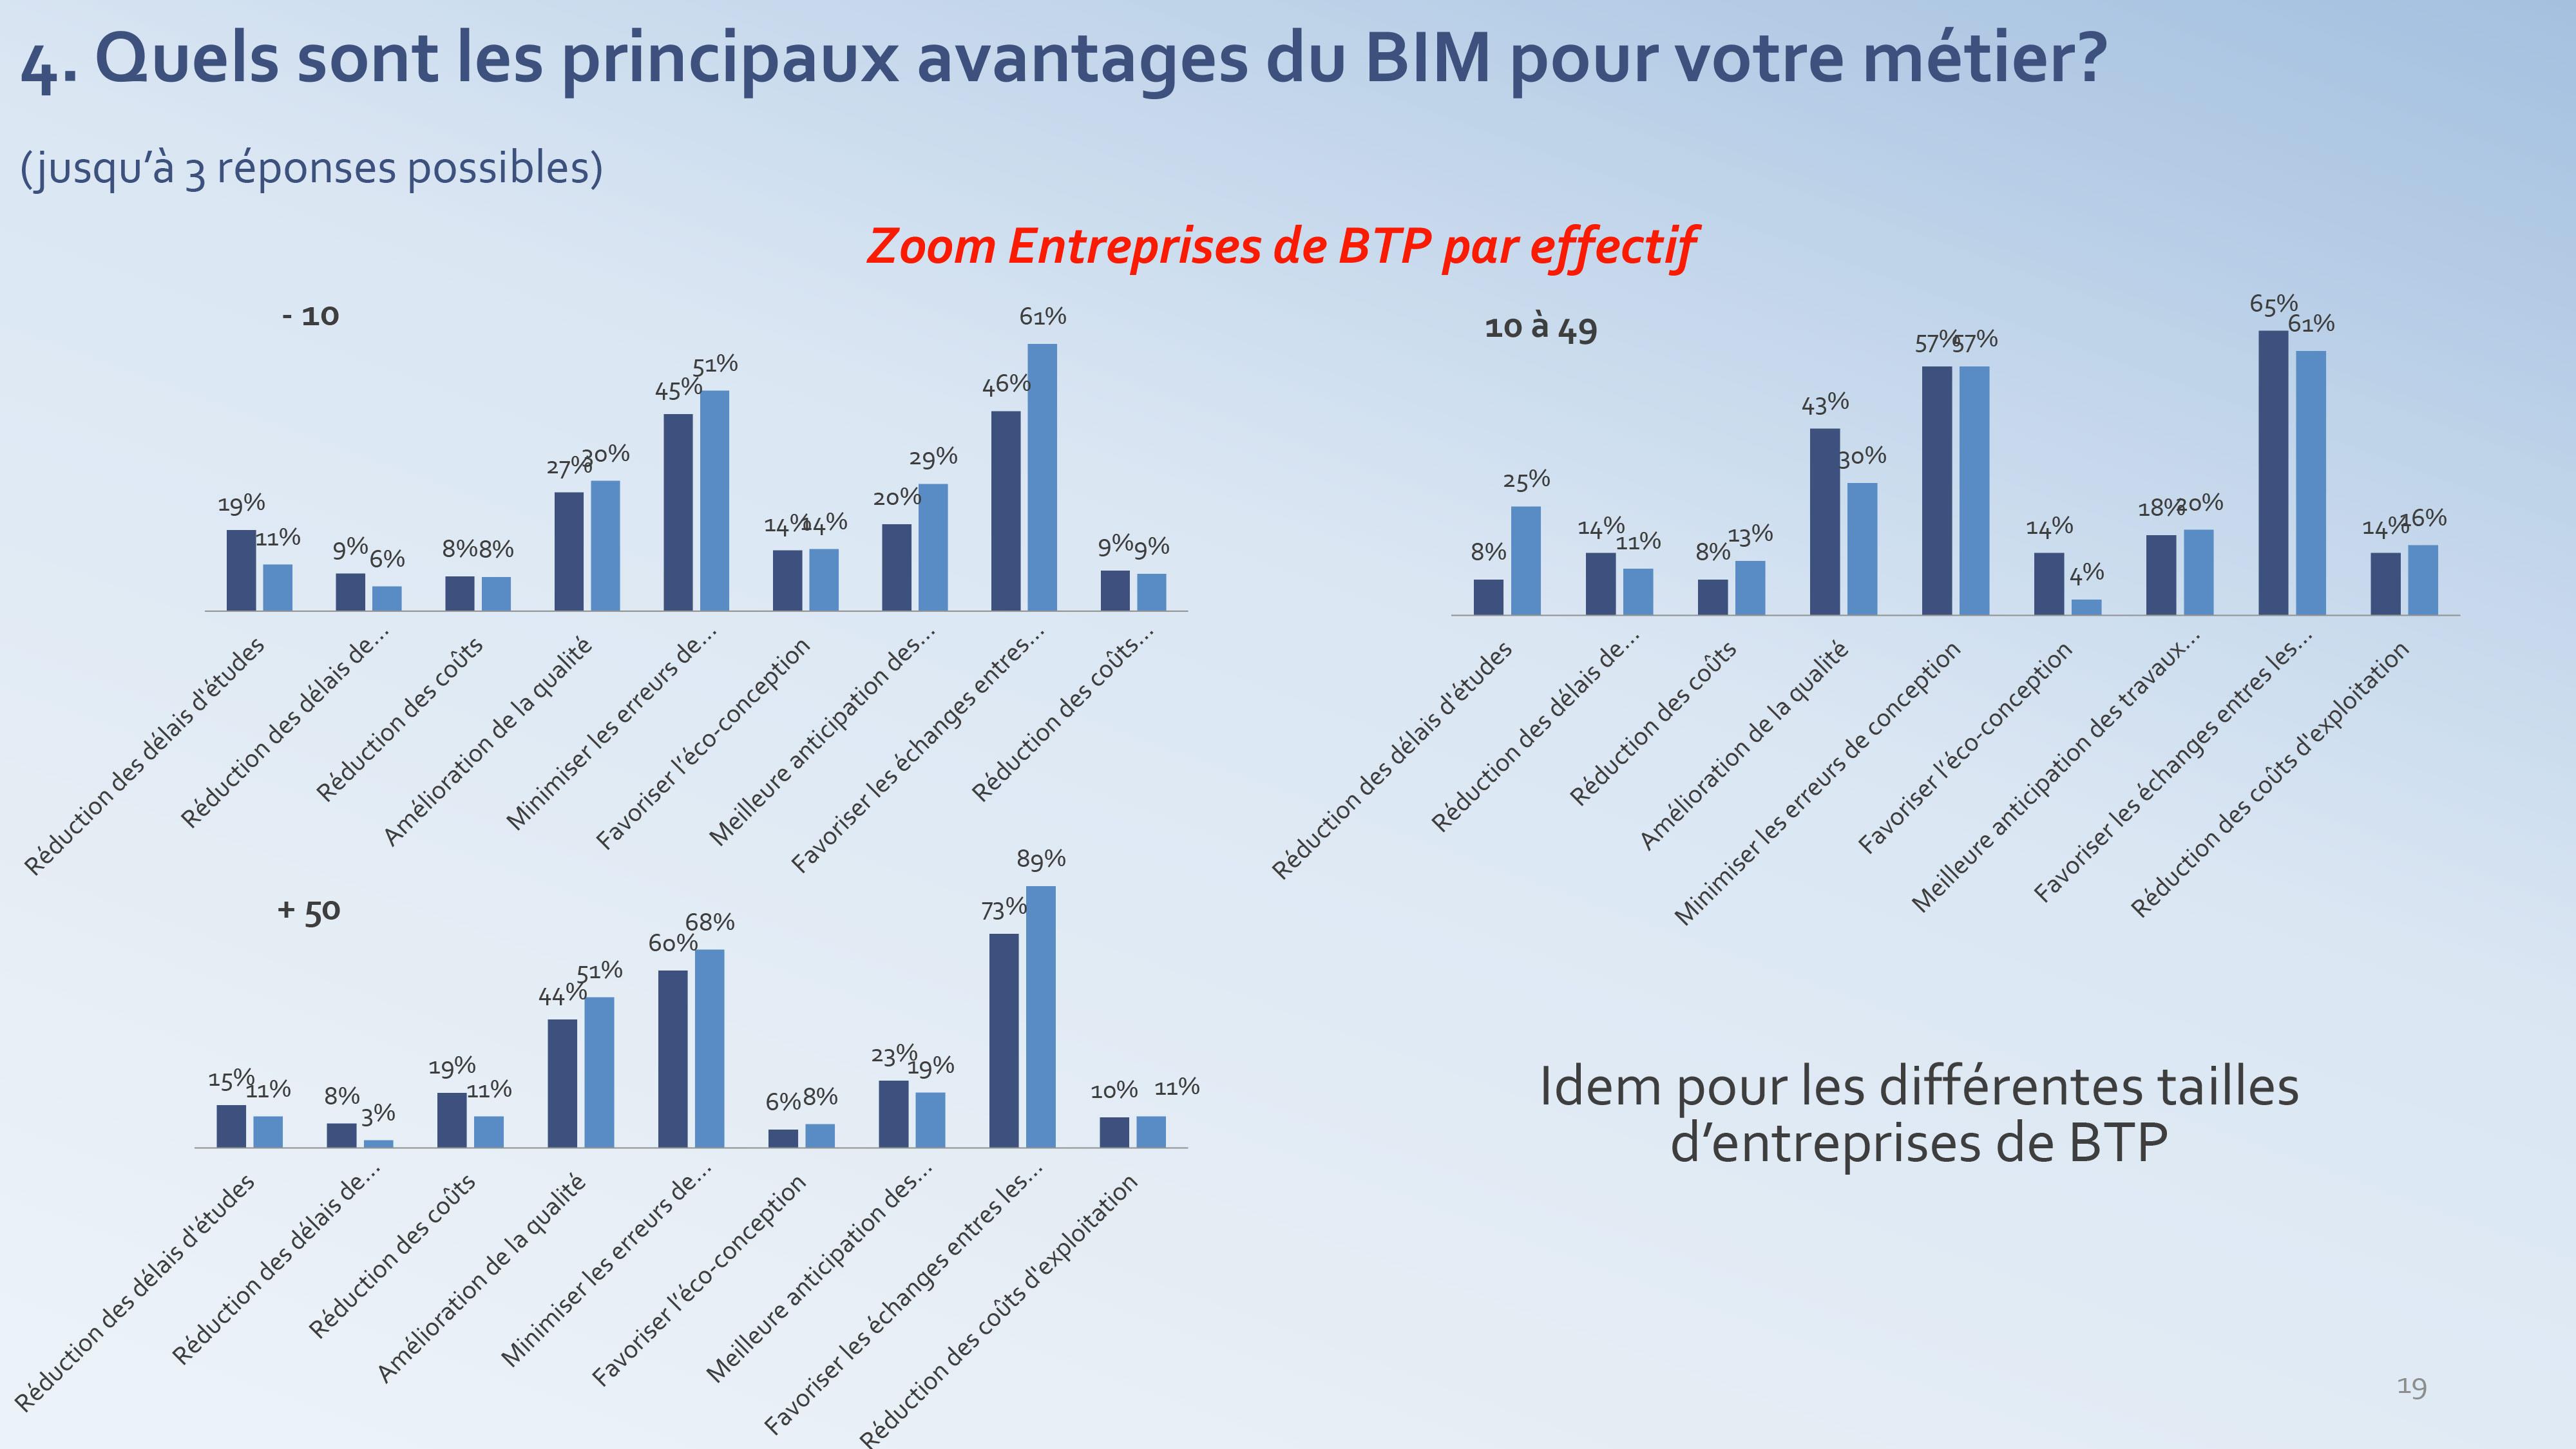 Les avantages du BIM pour le BTP - enquête PTNB 2017